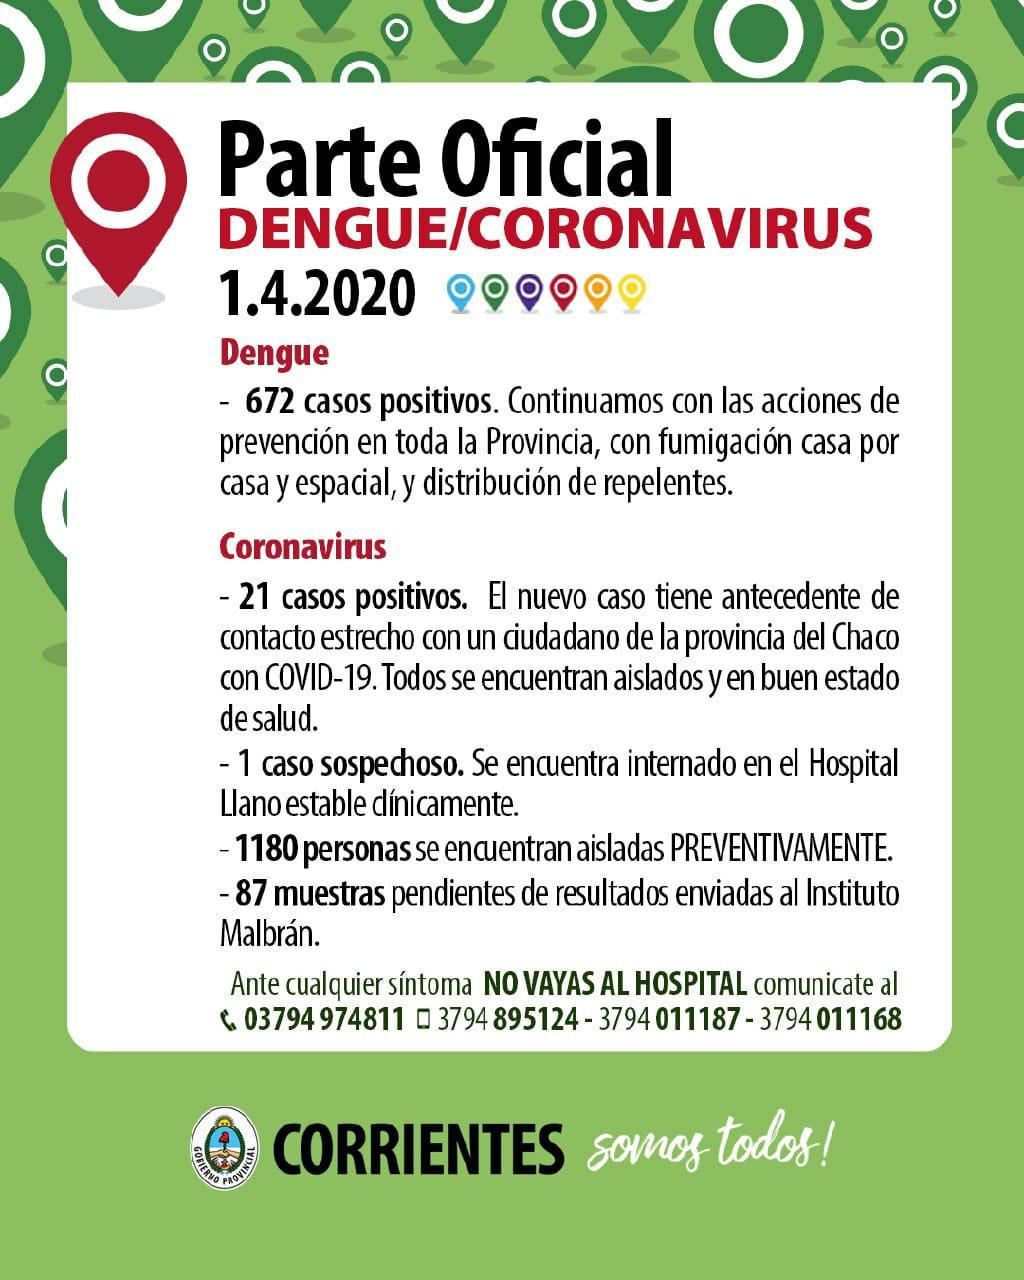 Un caso positivo de Coronavirus leve desaceleración del Dengue